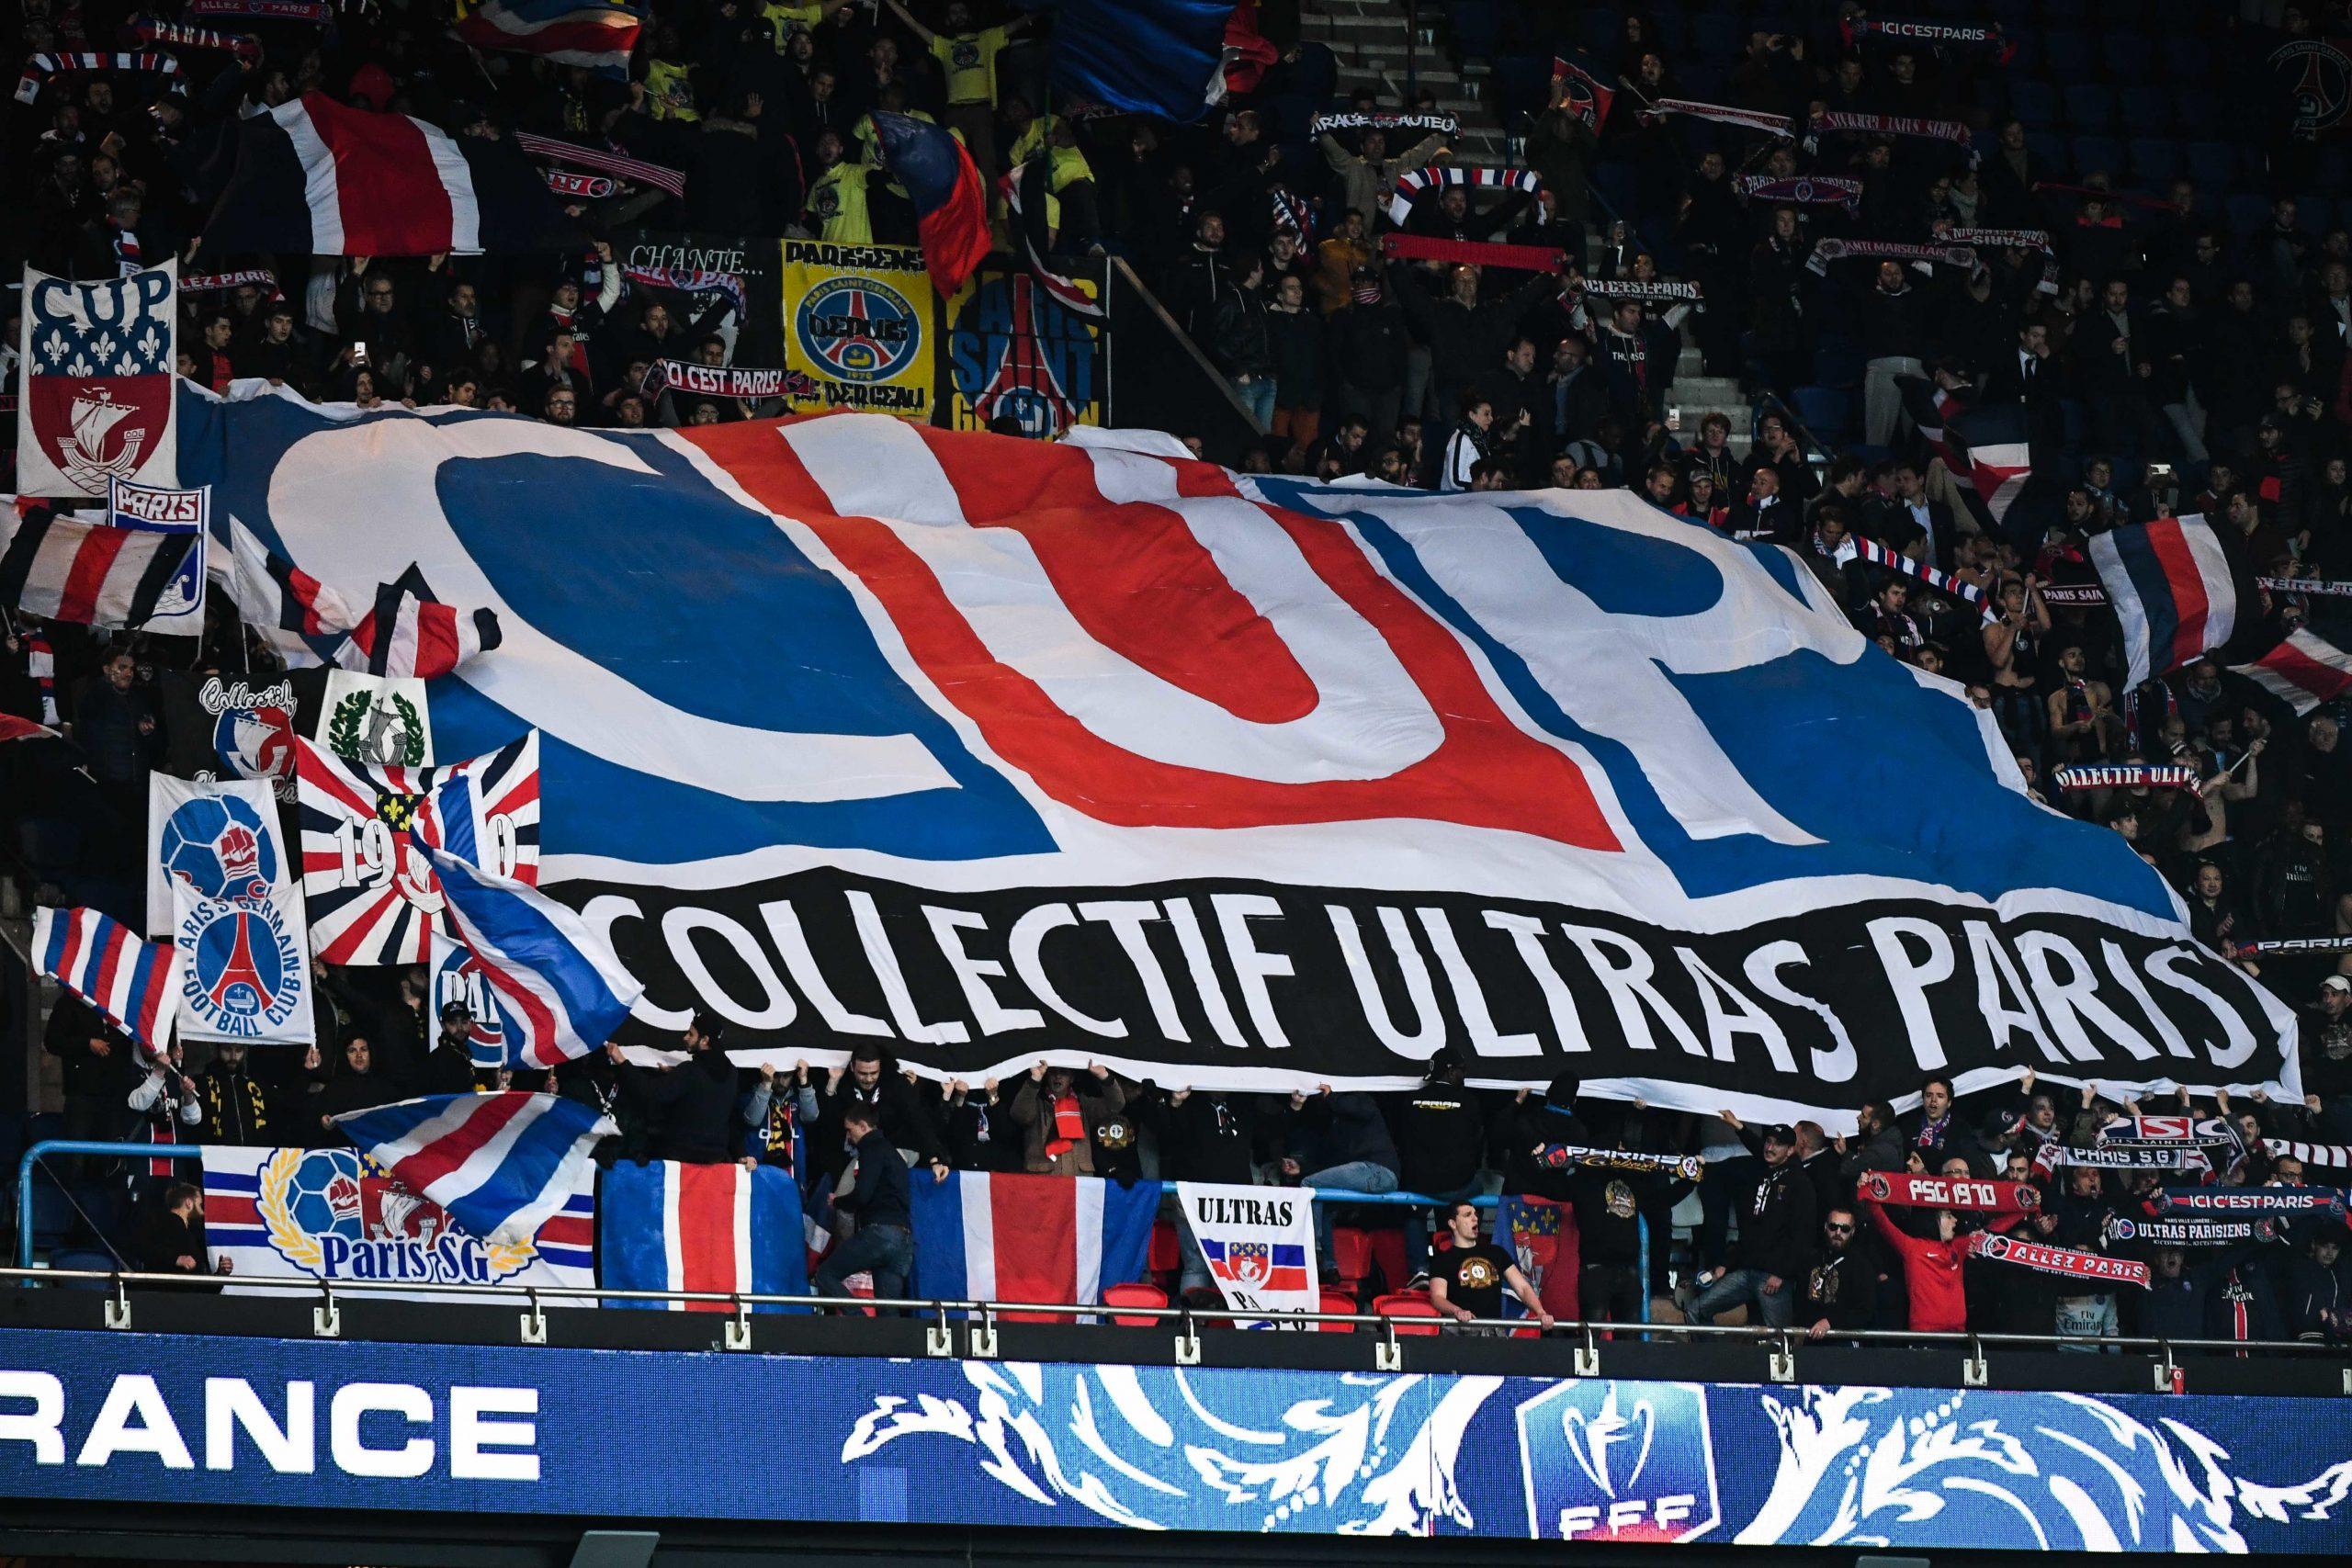 Romain Mabille annonce qu'il quitte la présidence du Collectif Ultras Paris